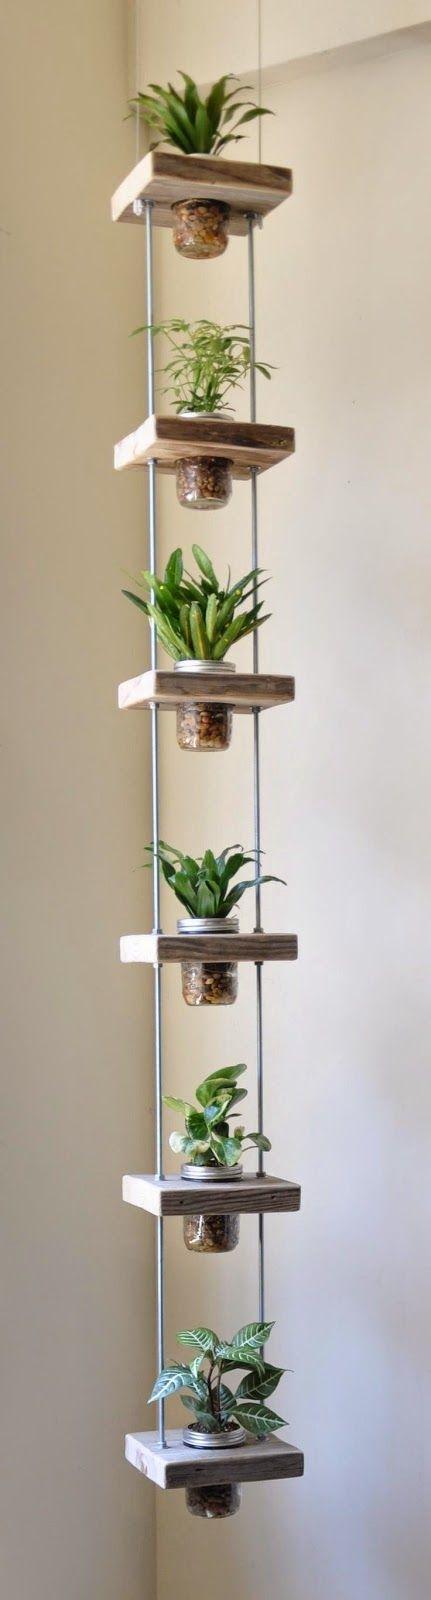 Wonderful stuffs: Gardening Pins!